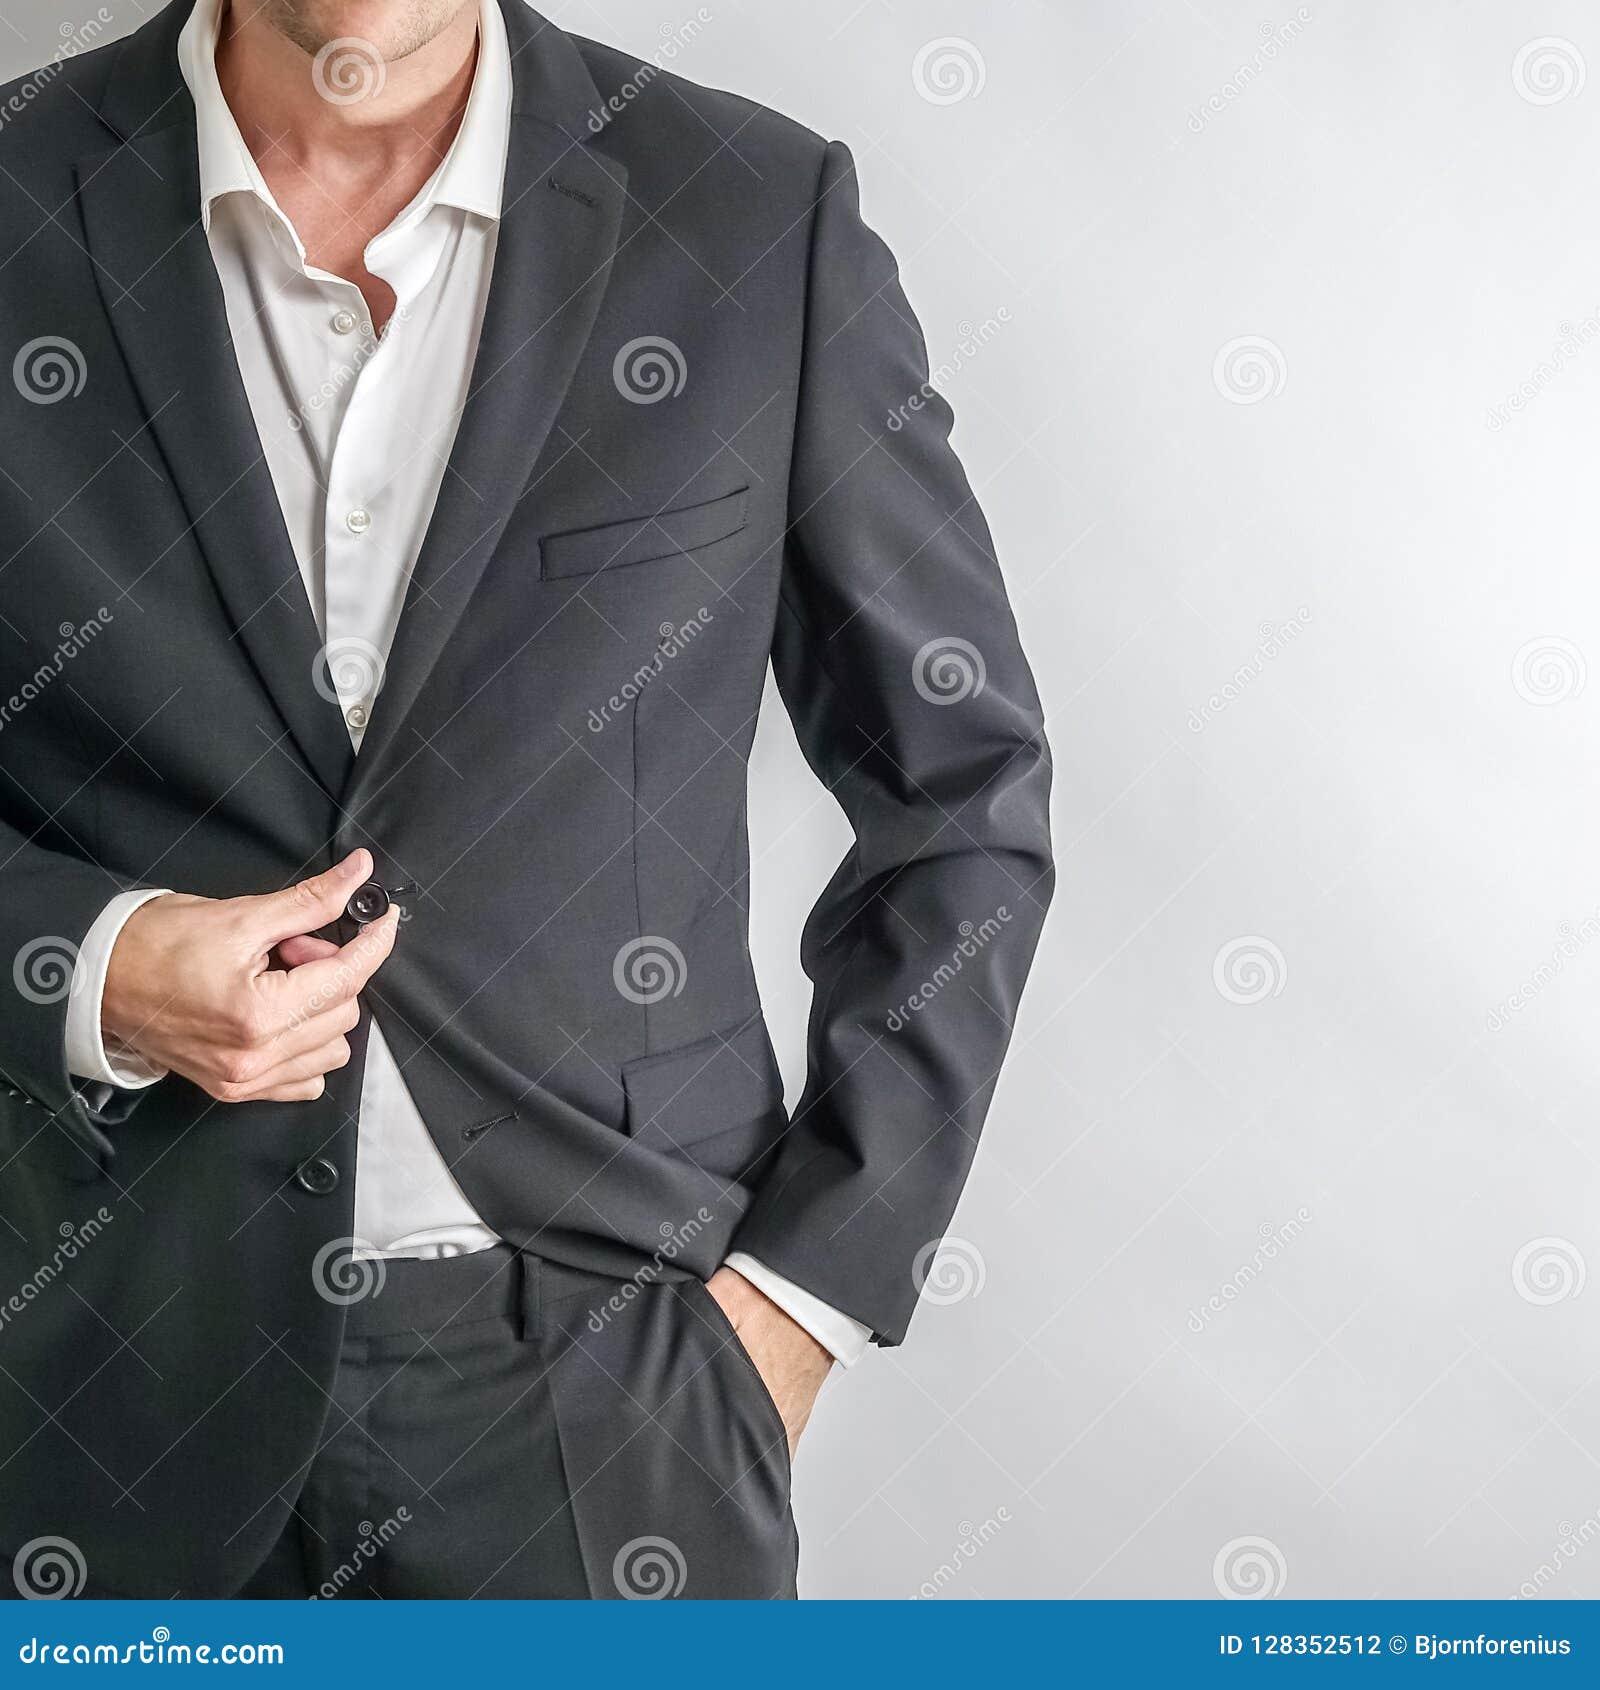 Hombre de negocios bien vestido en el traje negro que ajusta su chaqueta